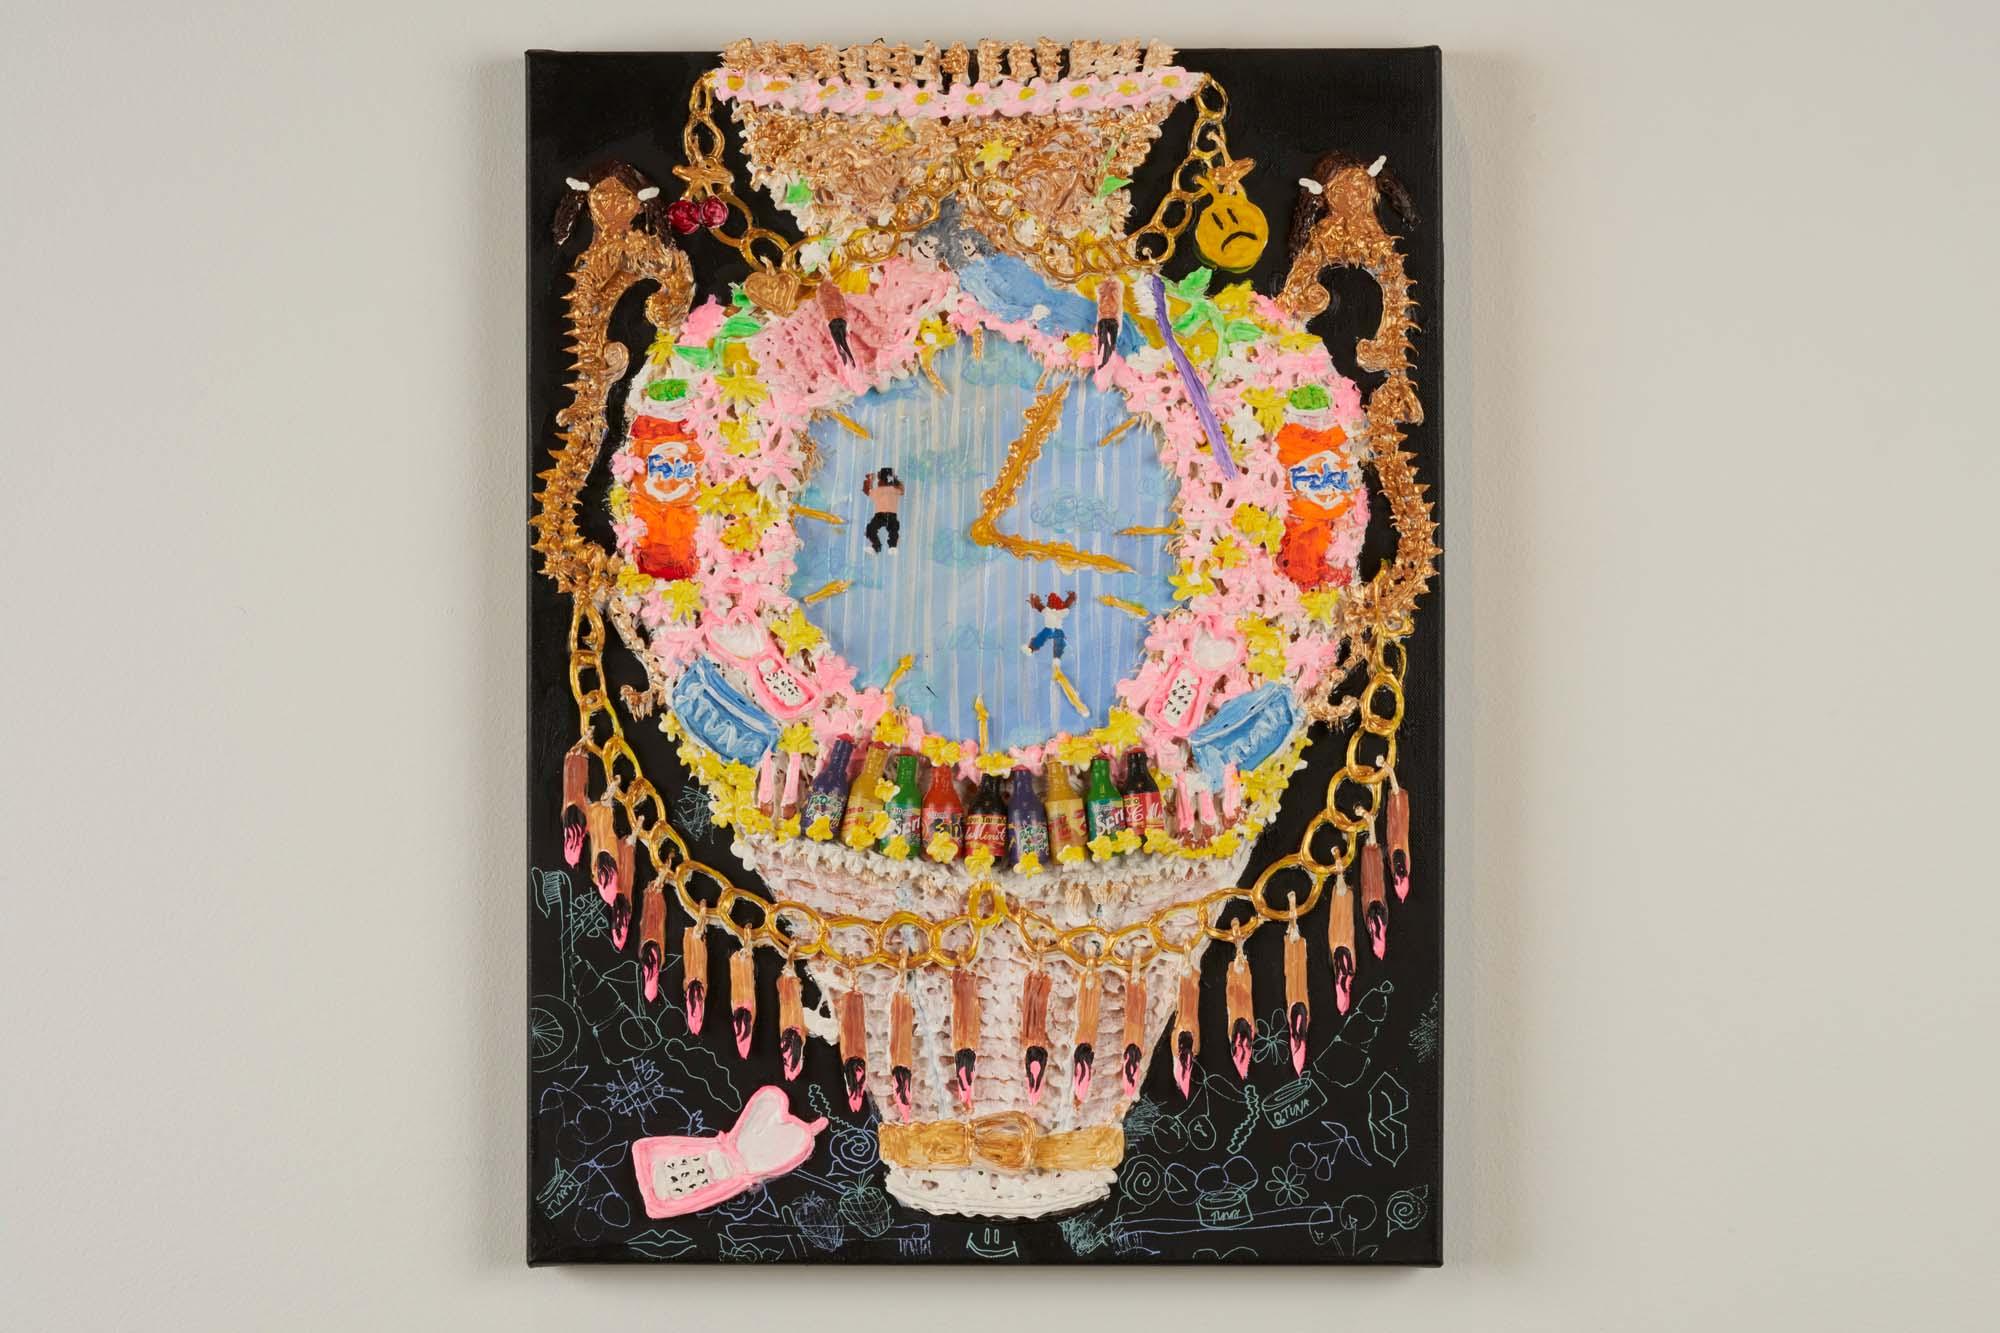 """Image of acrylic painting by Yvette Mayorga, """"Vase of the Century 3""""."""